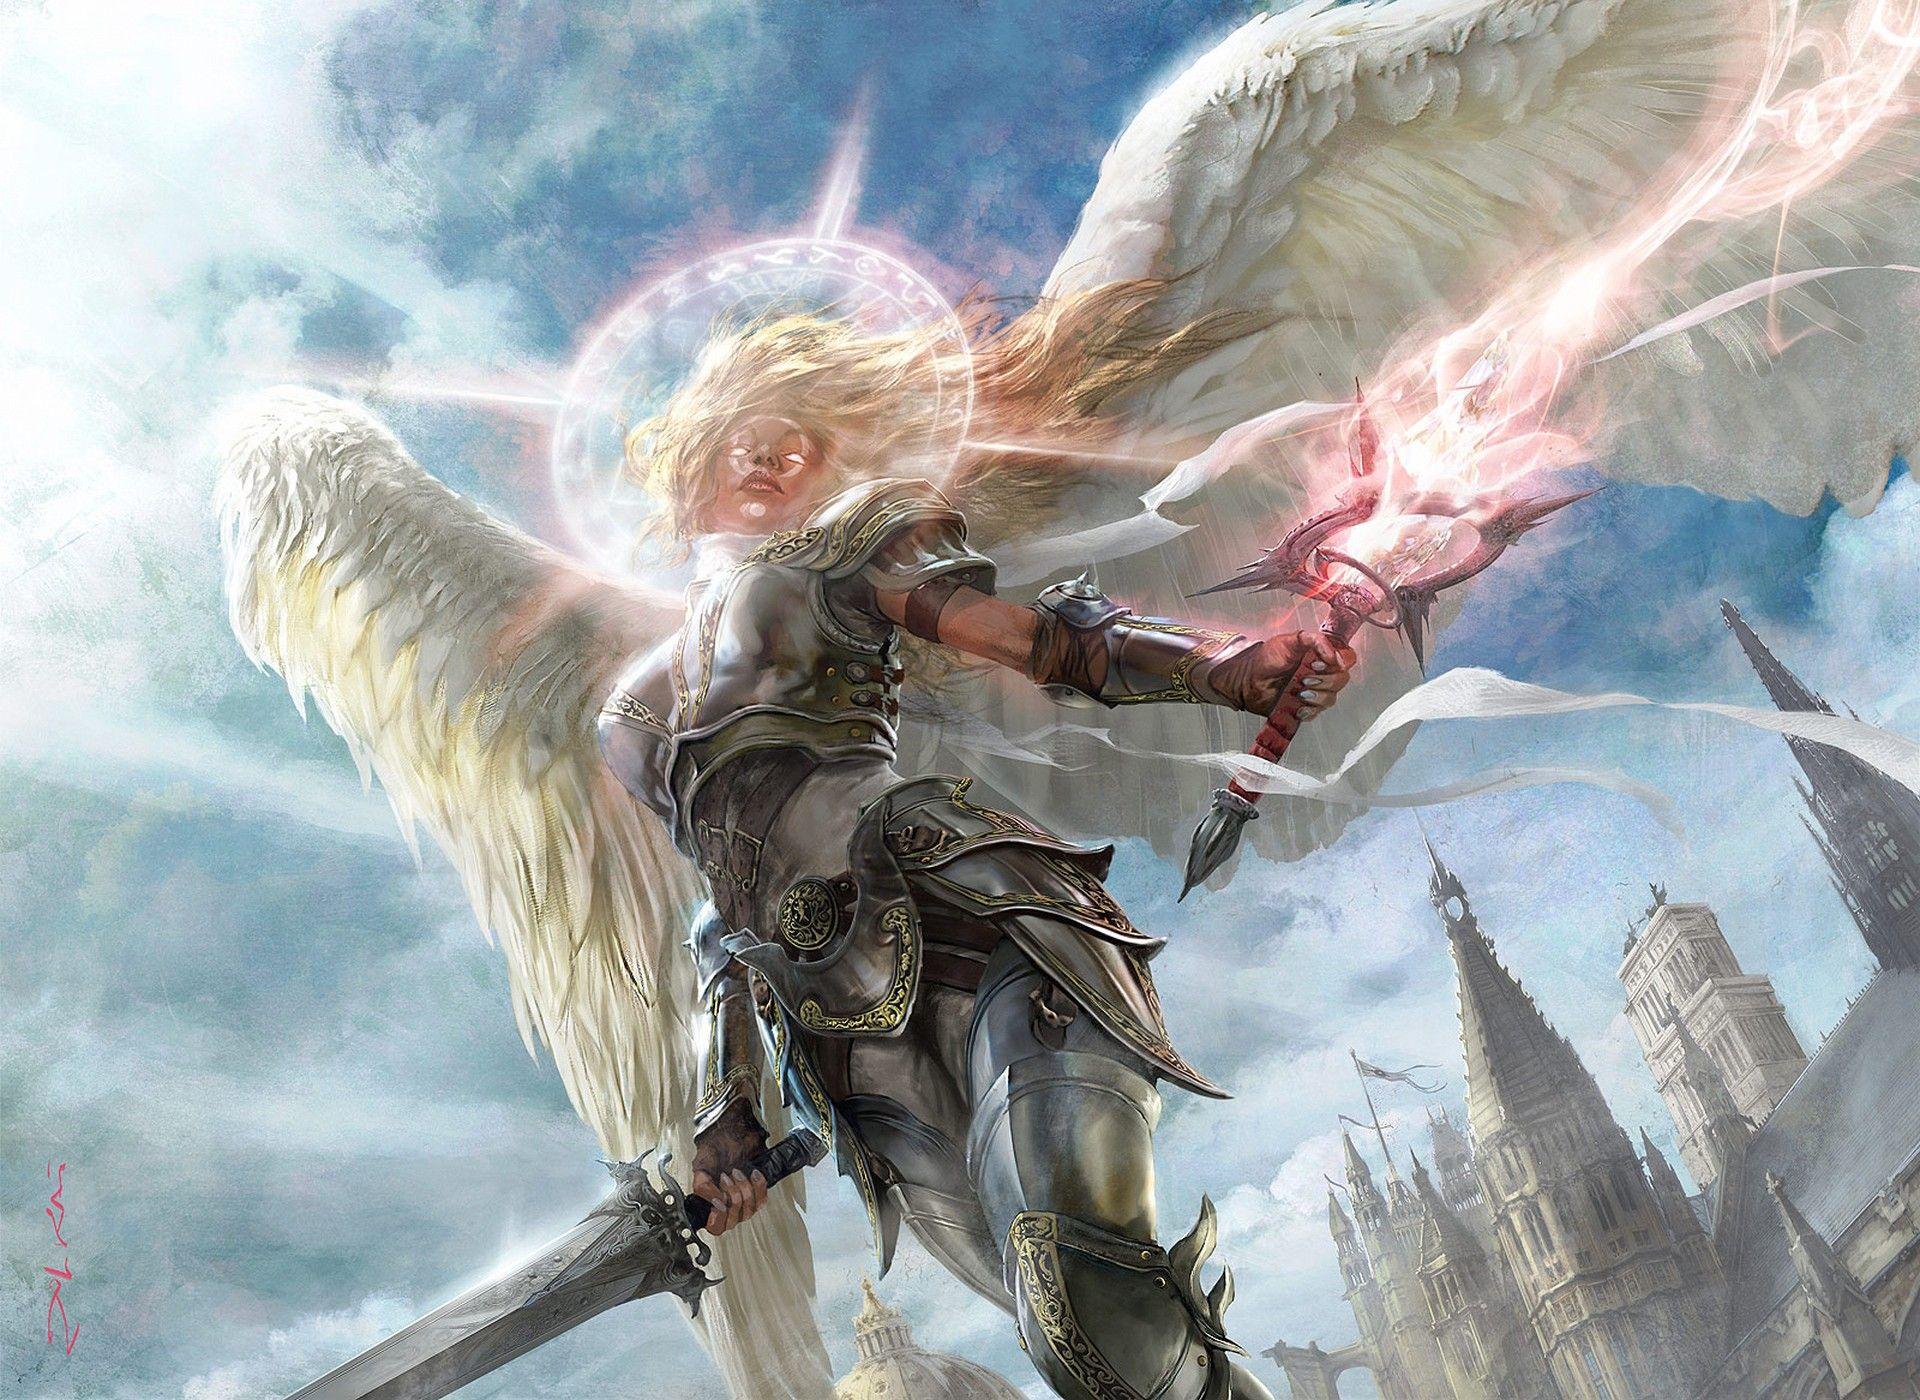 Game Magic The Gathering Wallpaper Anjos E Demonios Anjos